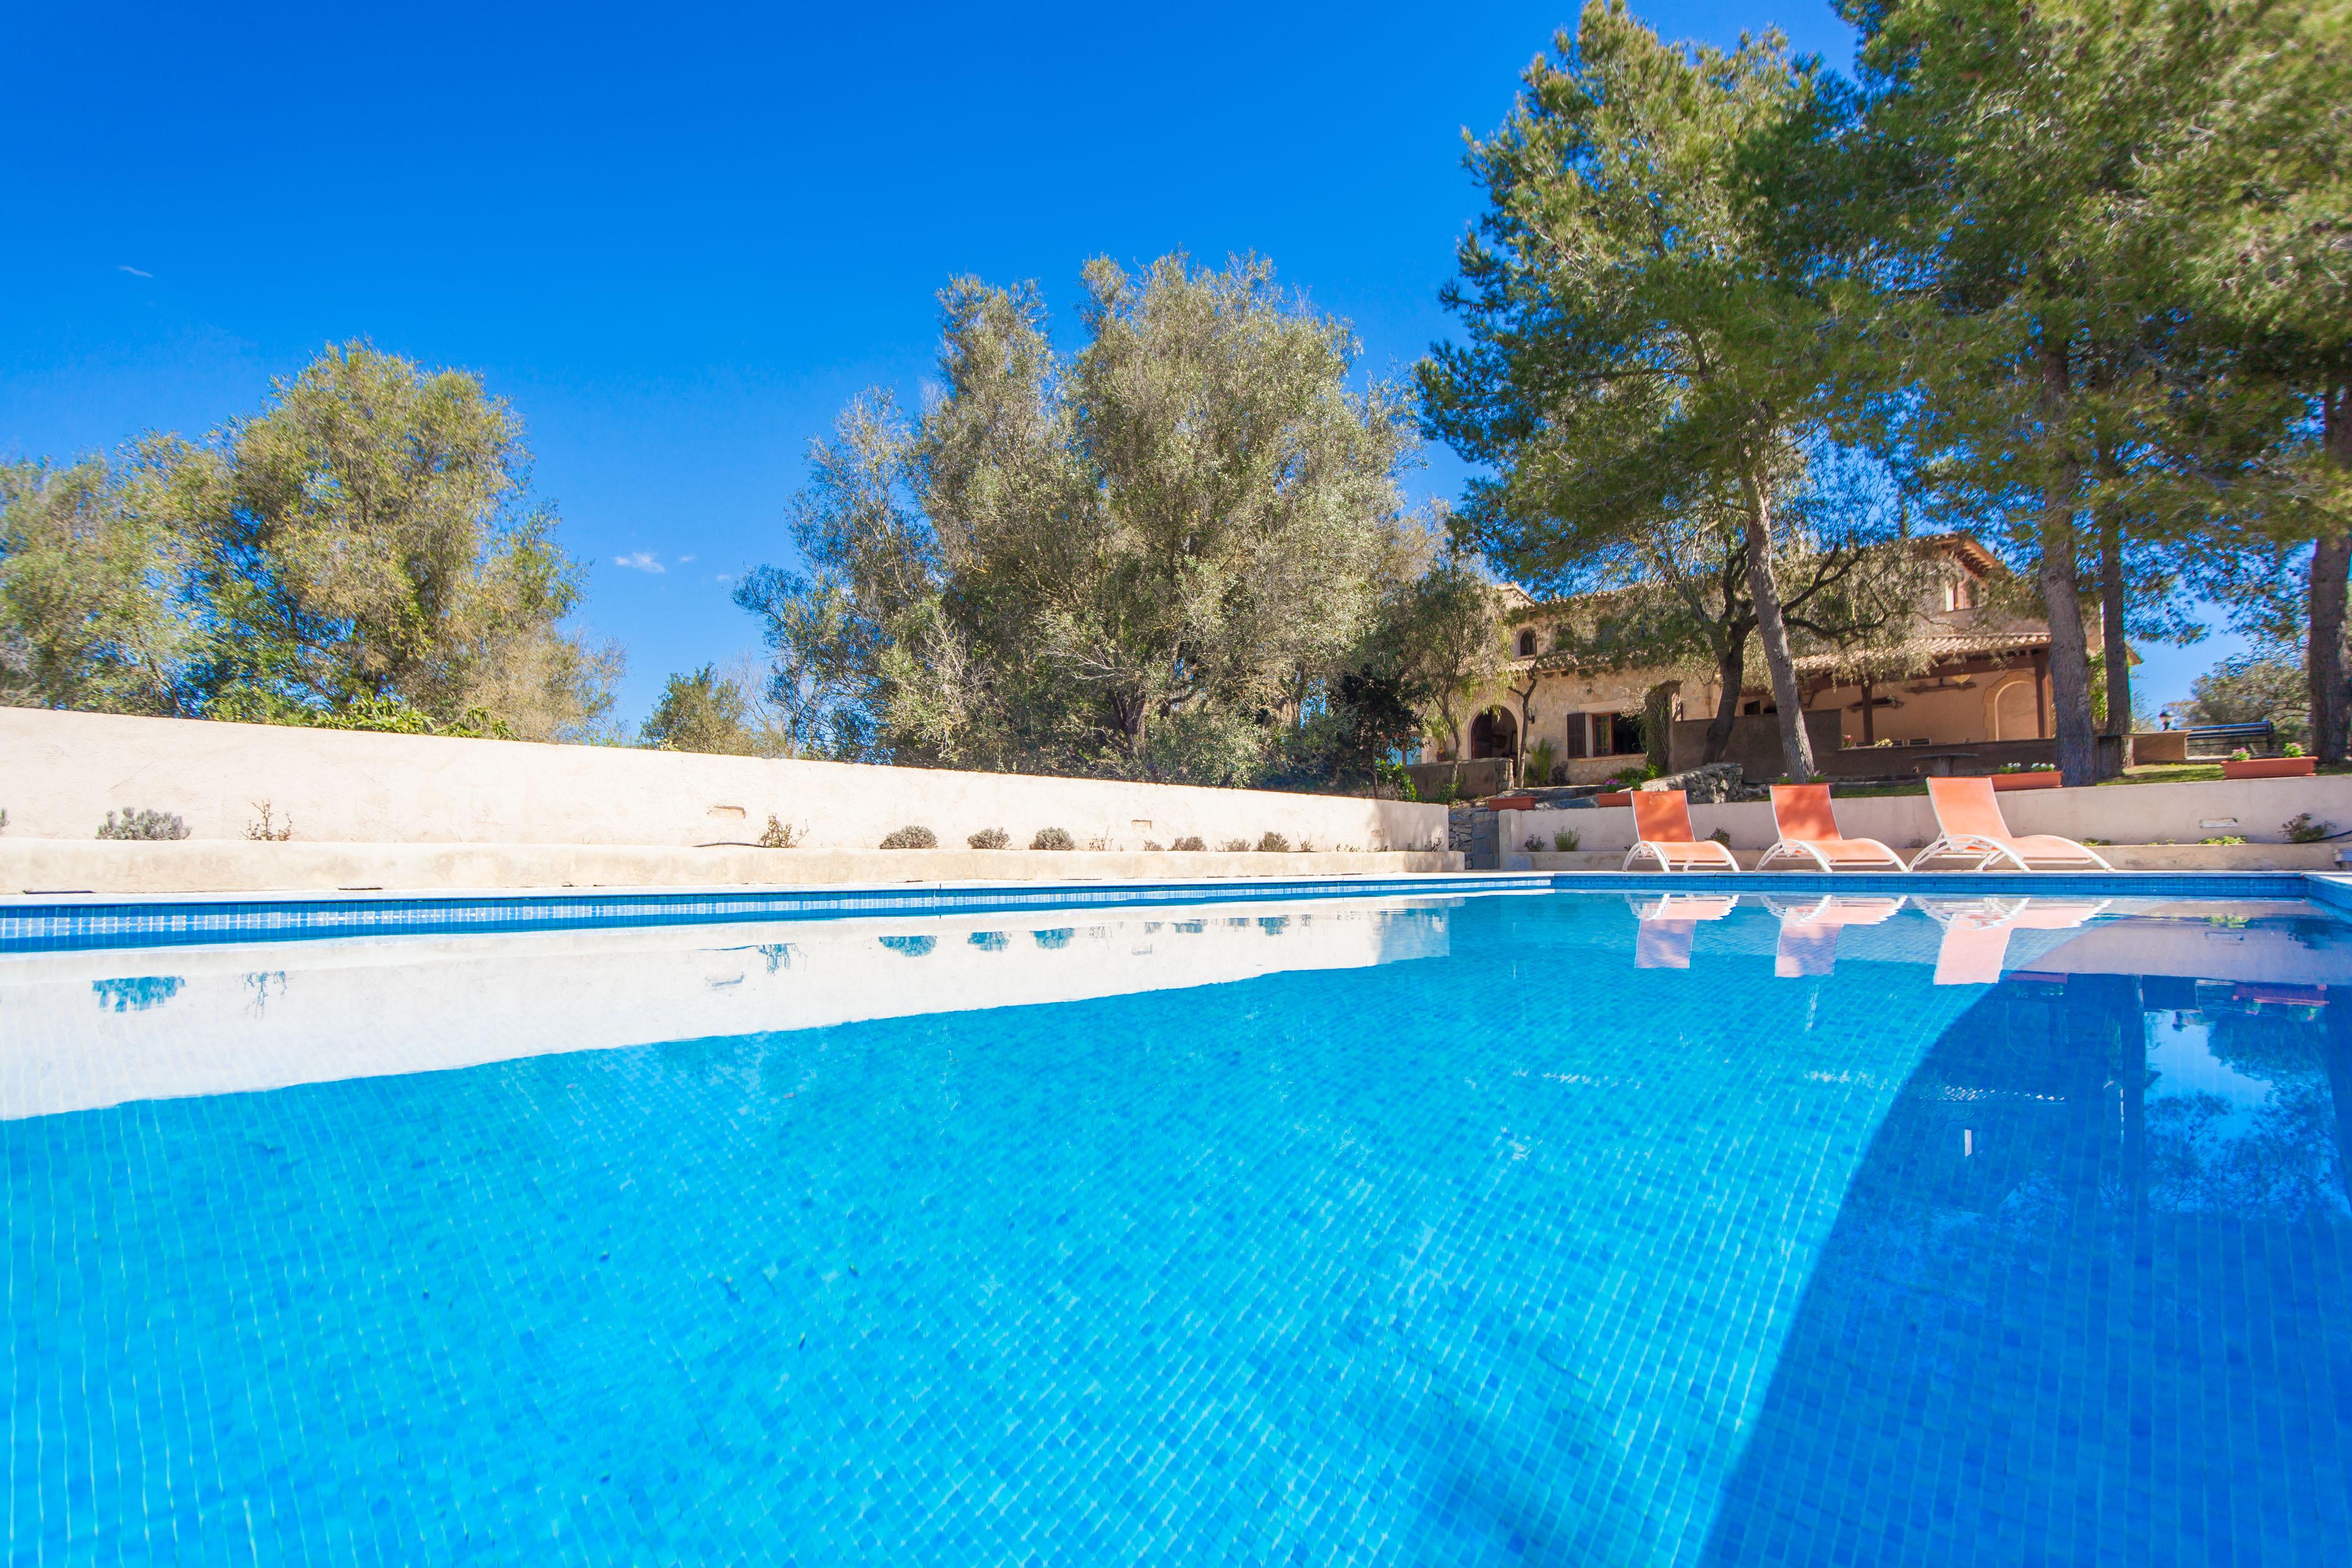 Ferienhaus SOS MONJOS (2177982), Arta, Mallorca, Balearische Inseln, Spanien, Bild 34